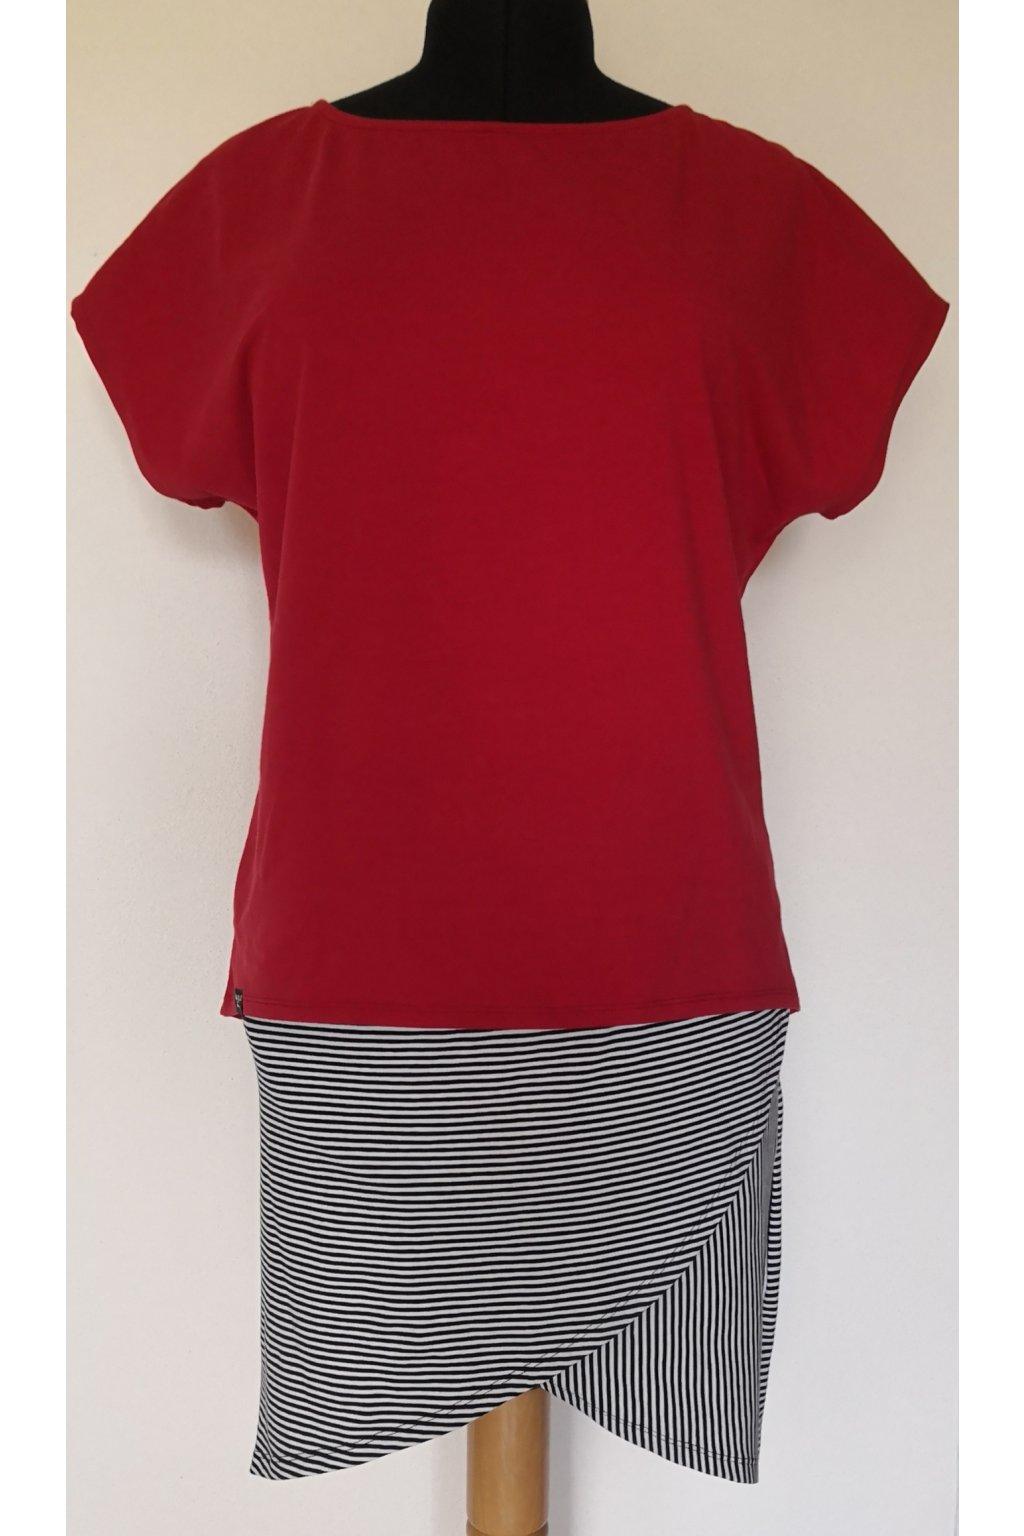 Tričko volné, tmavý meloun | bavlněný úplet